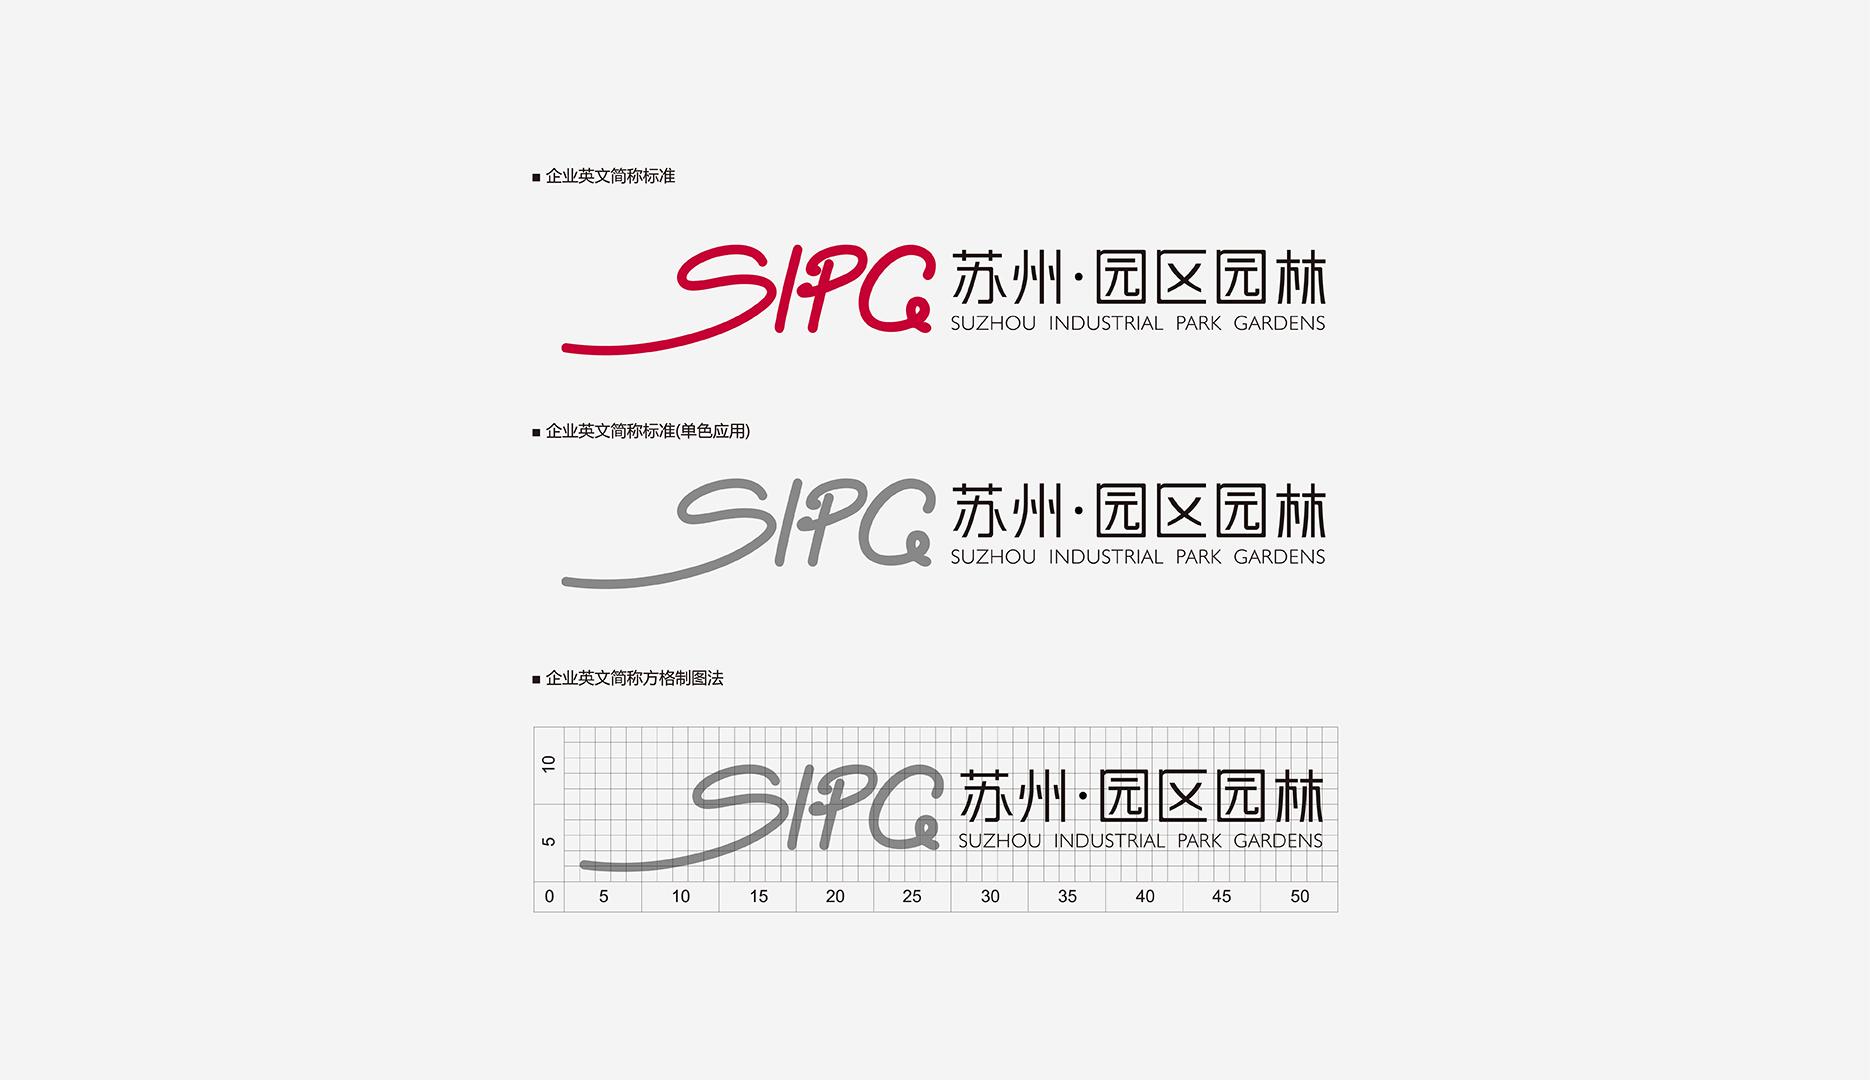 SIPG苏州园区园林:企业英文简称标准